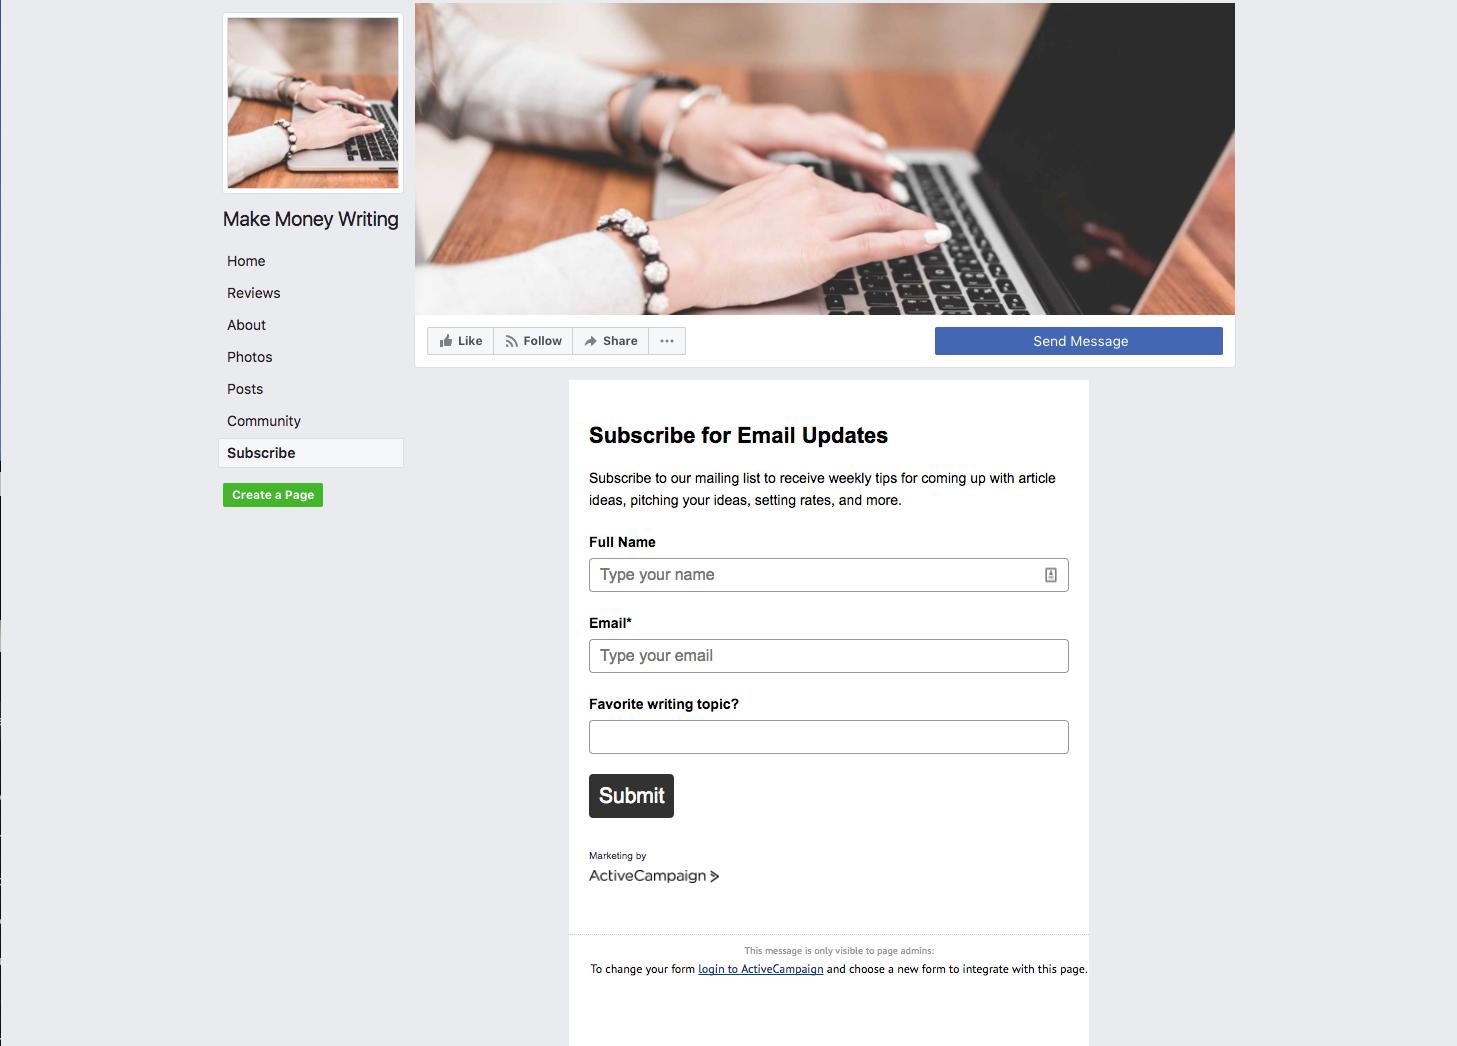 интеграция с фейсбук